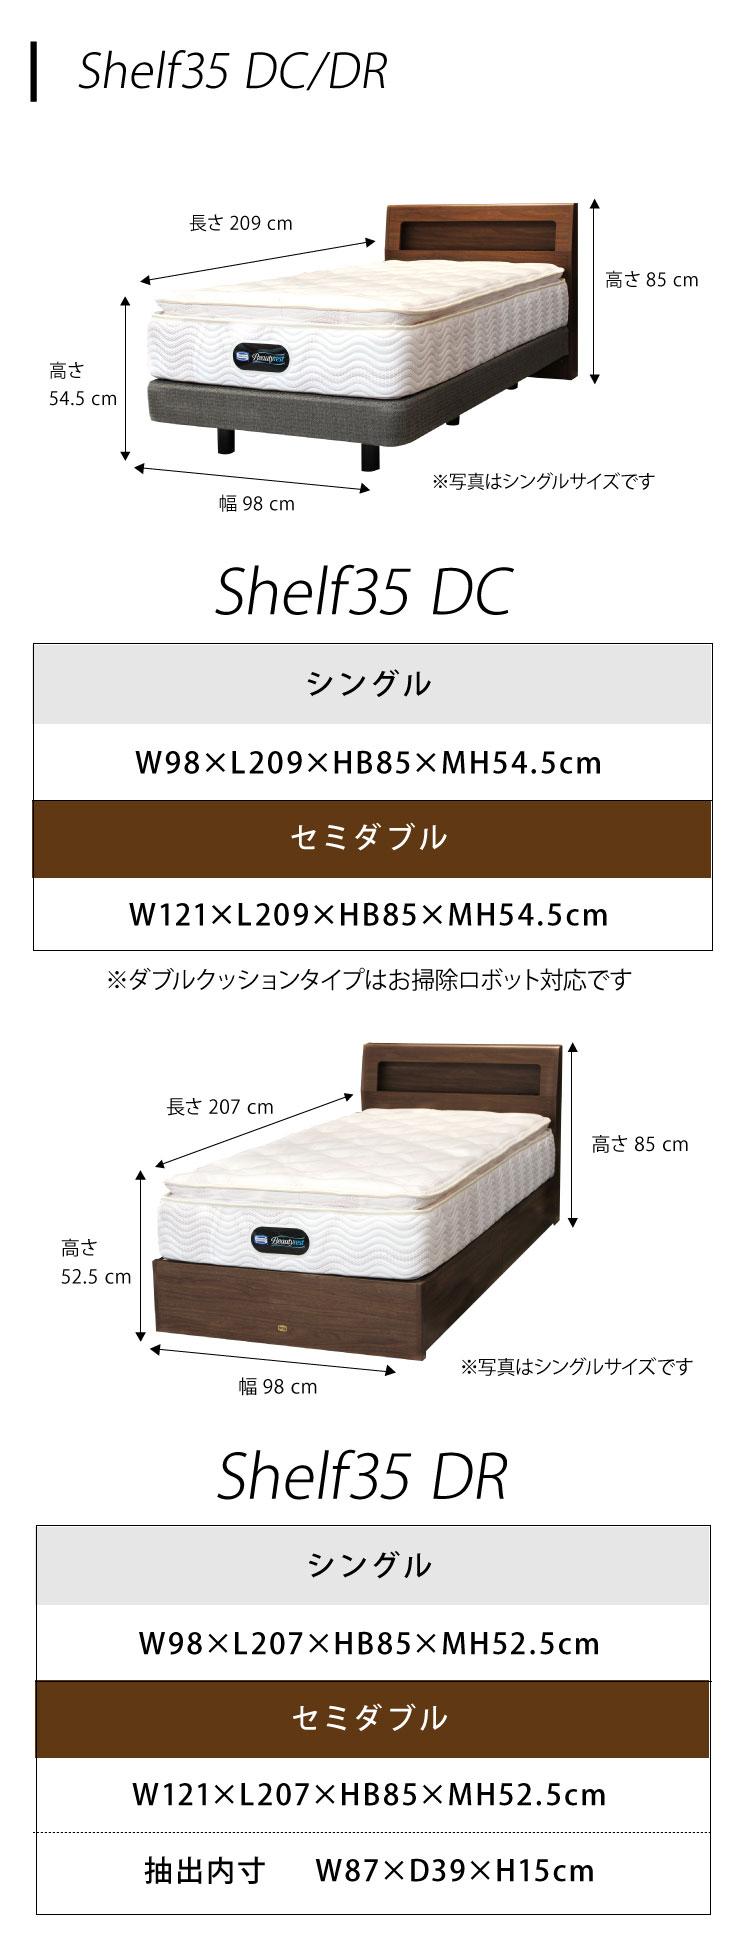 Shelf35DCDR寸法